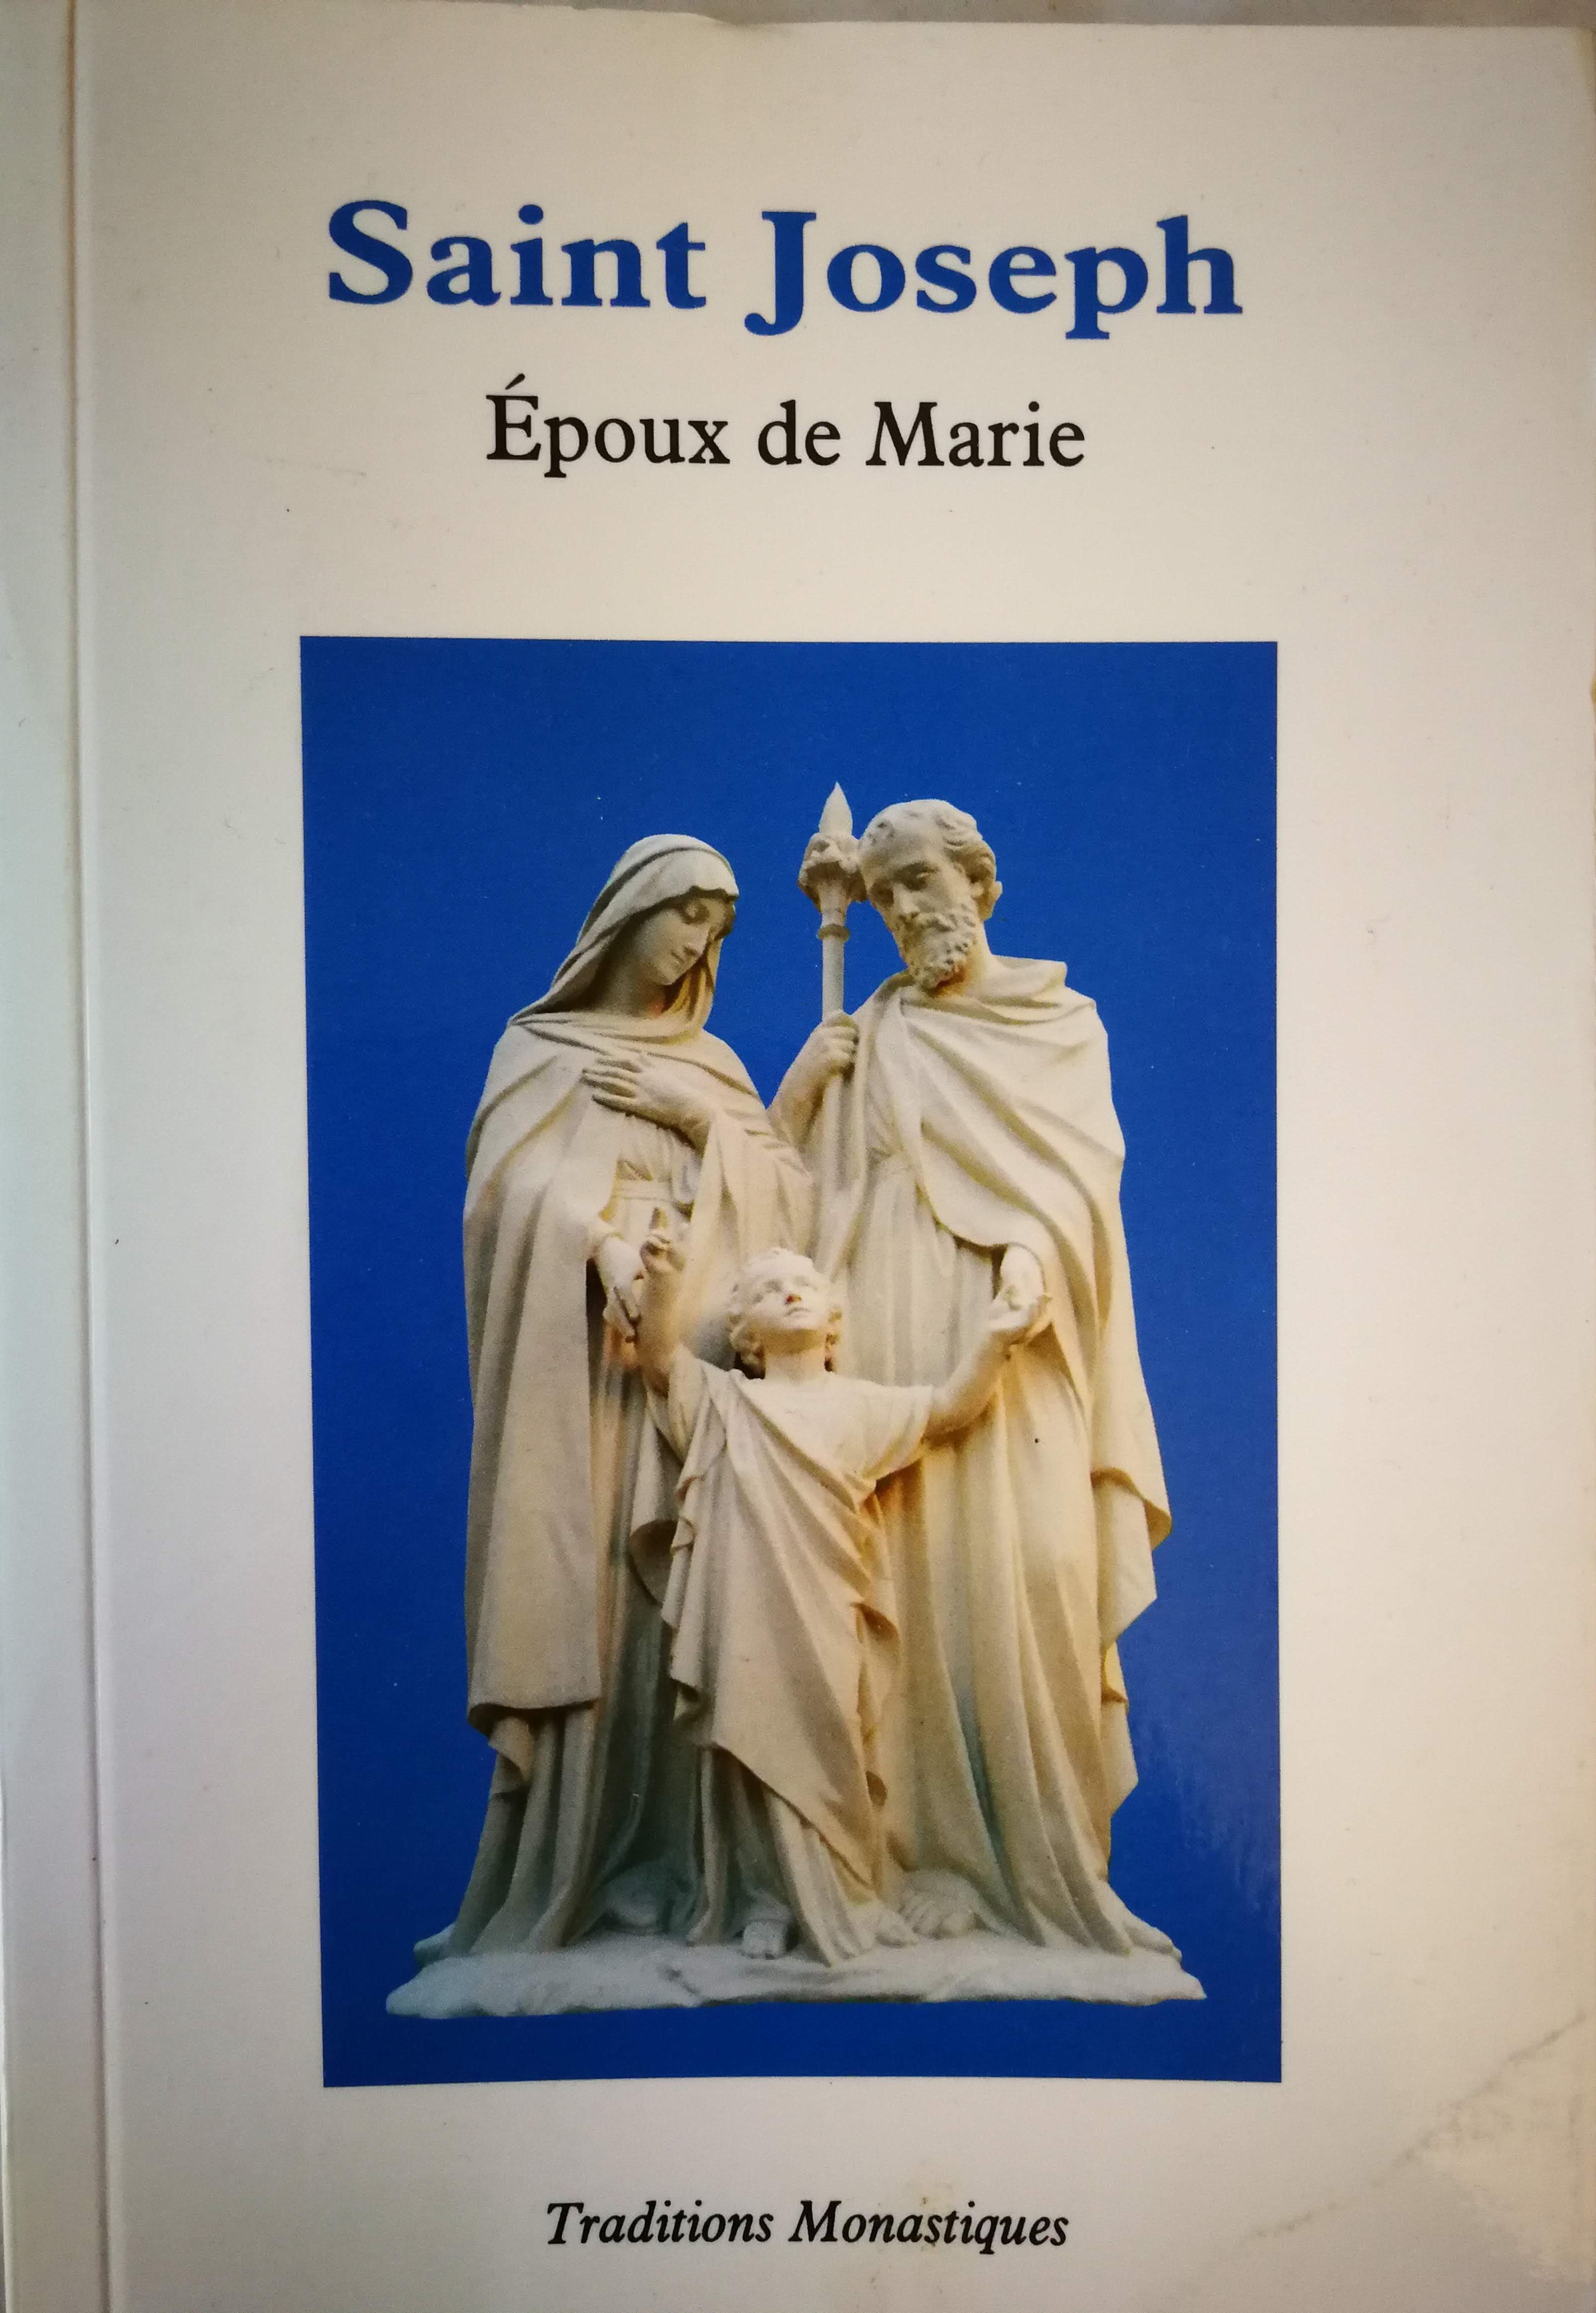 troc de troc livres religieux image 2